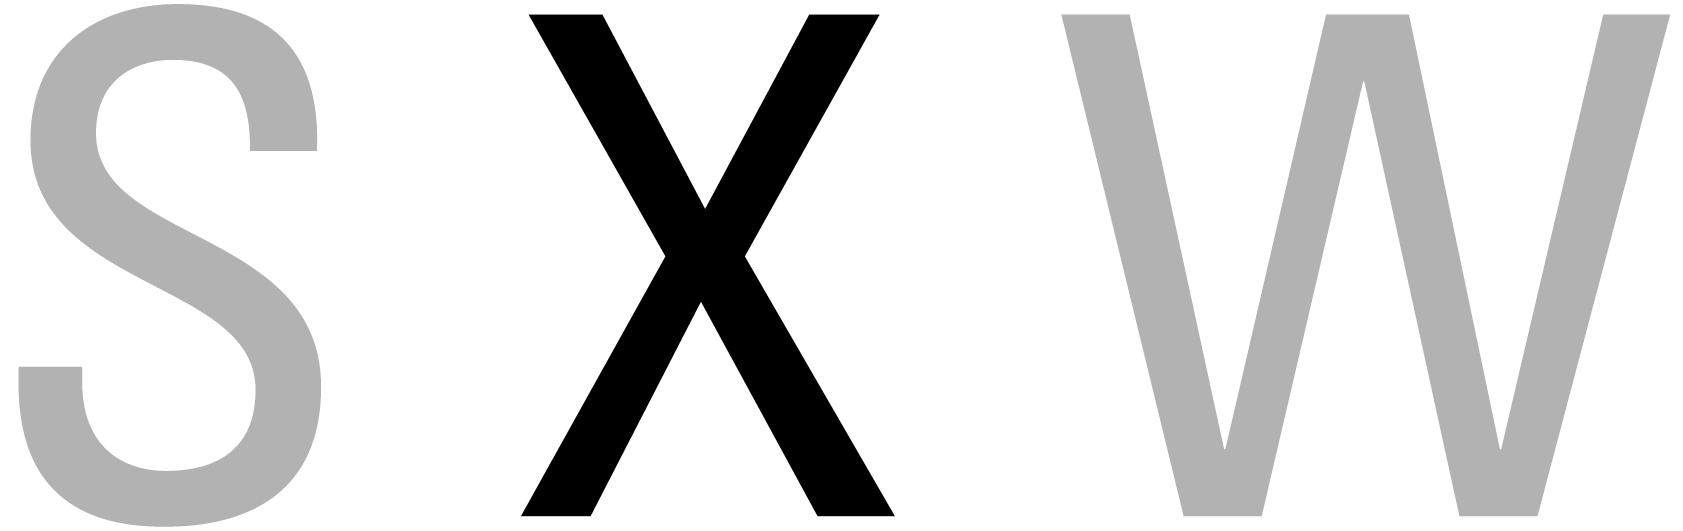 S X W